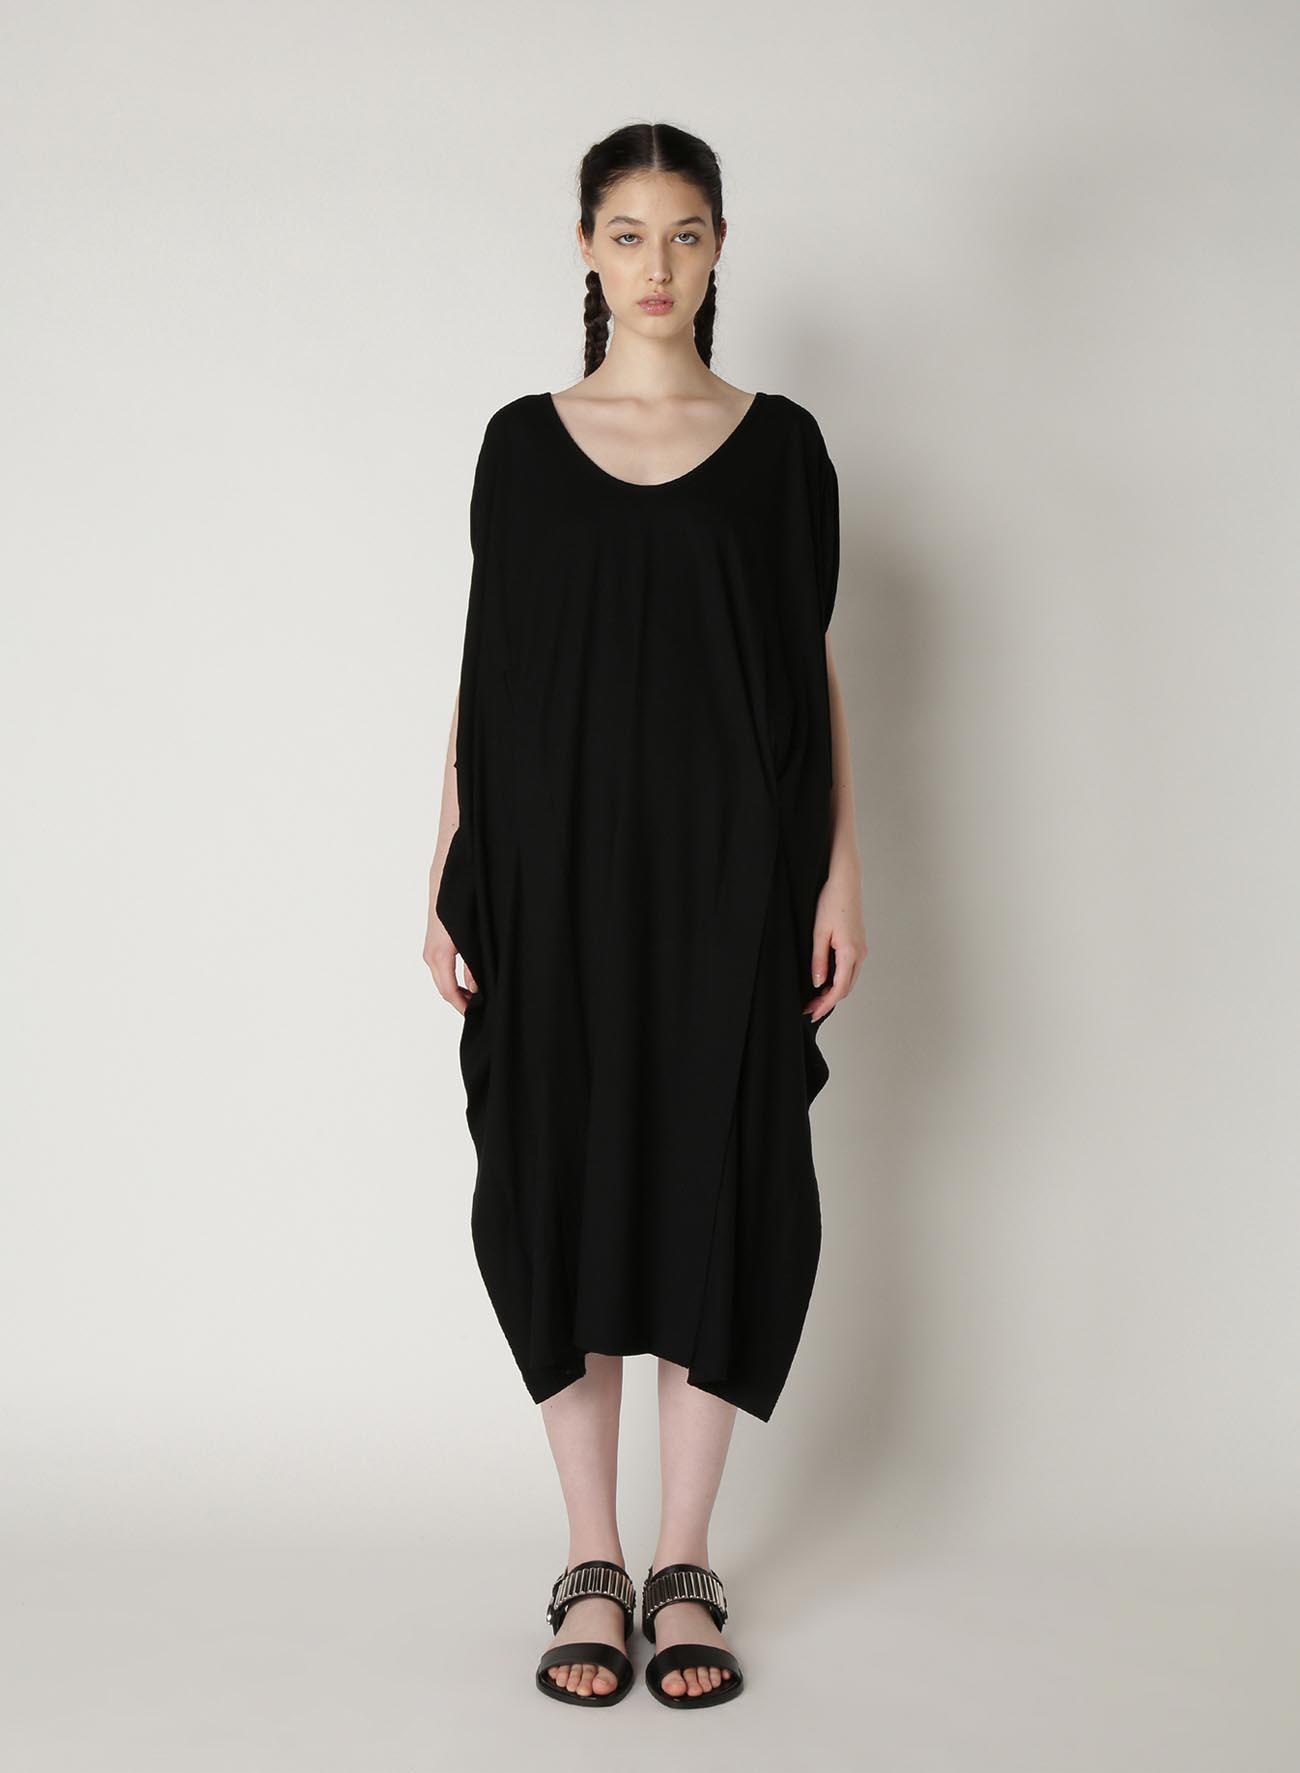 Cotton Dry Plain Stitch Cut Out Design Dress